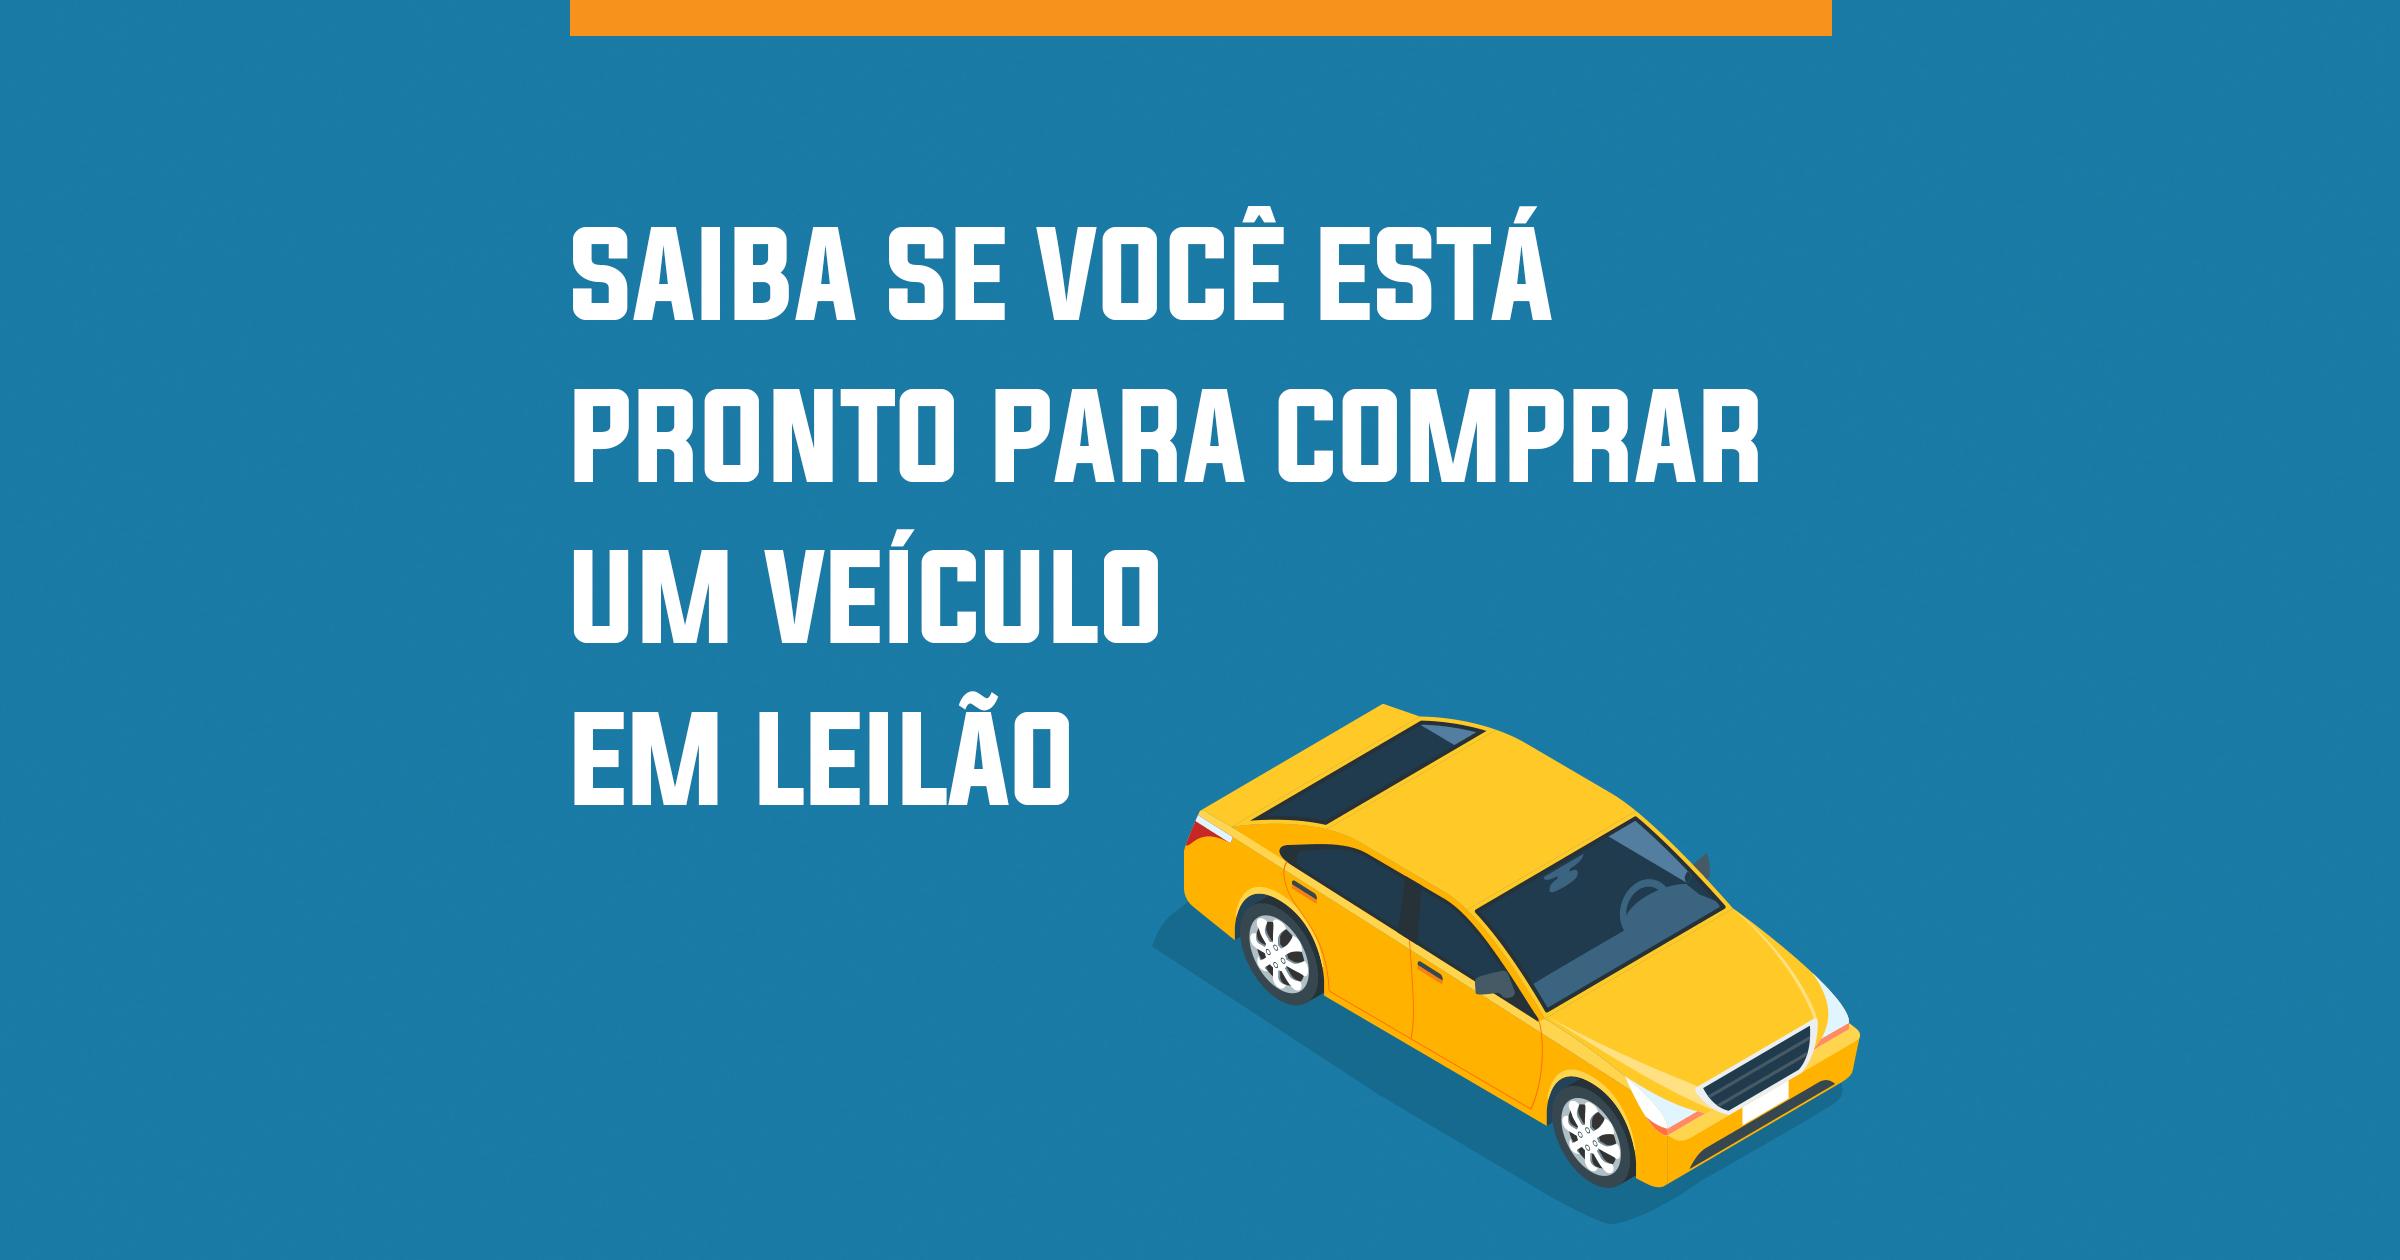 Pronto para comprar veículo em leilão?